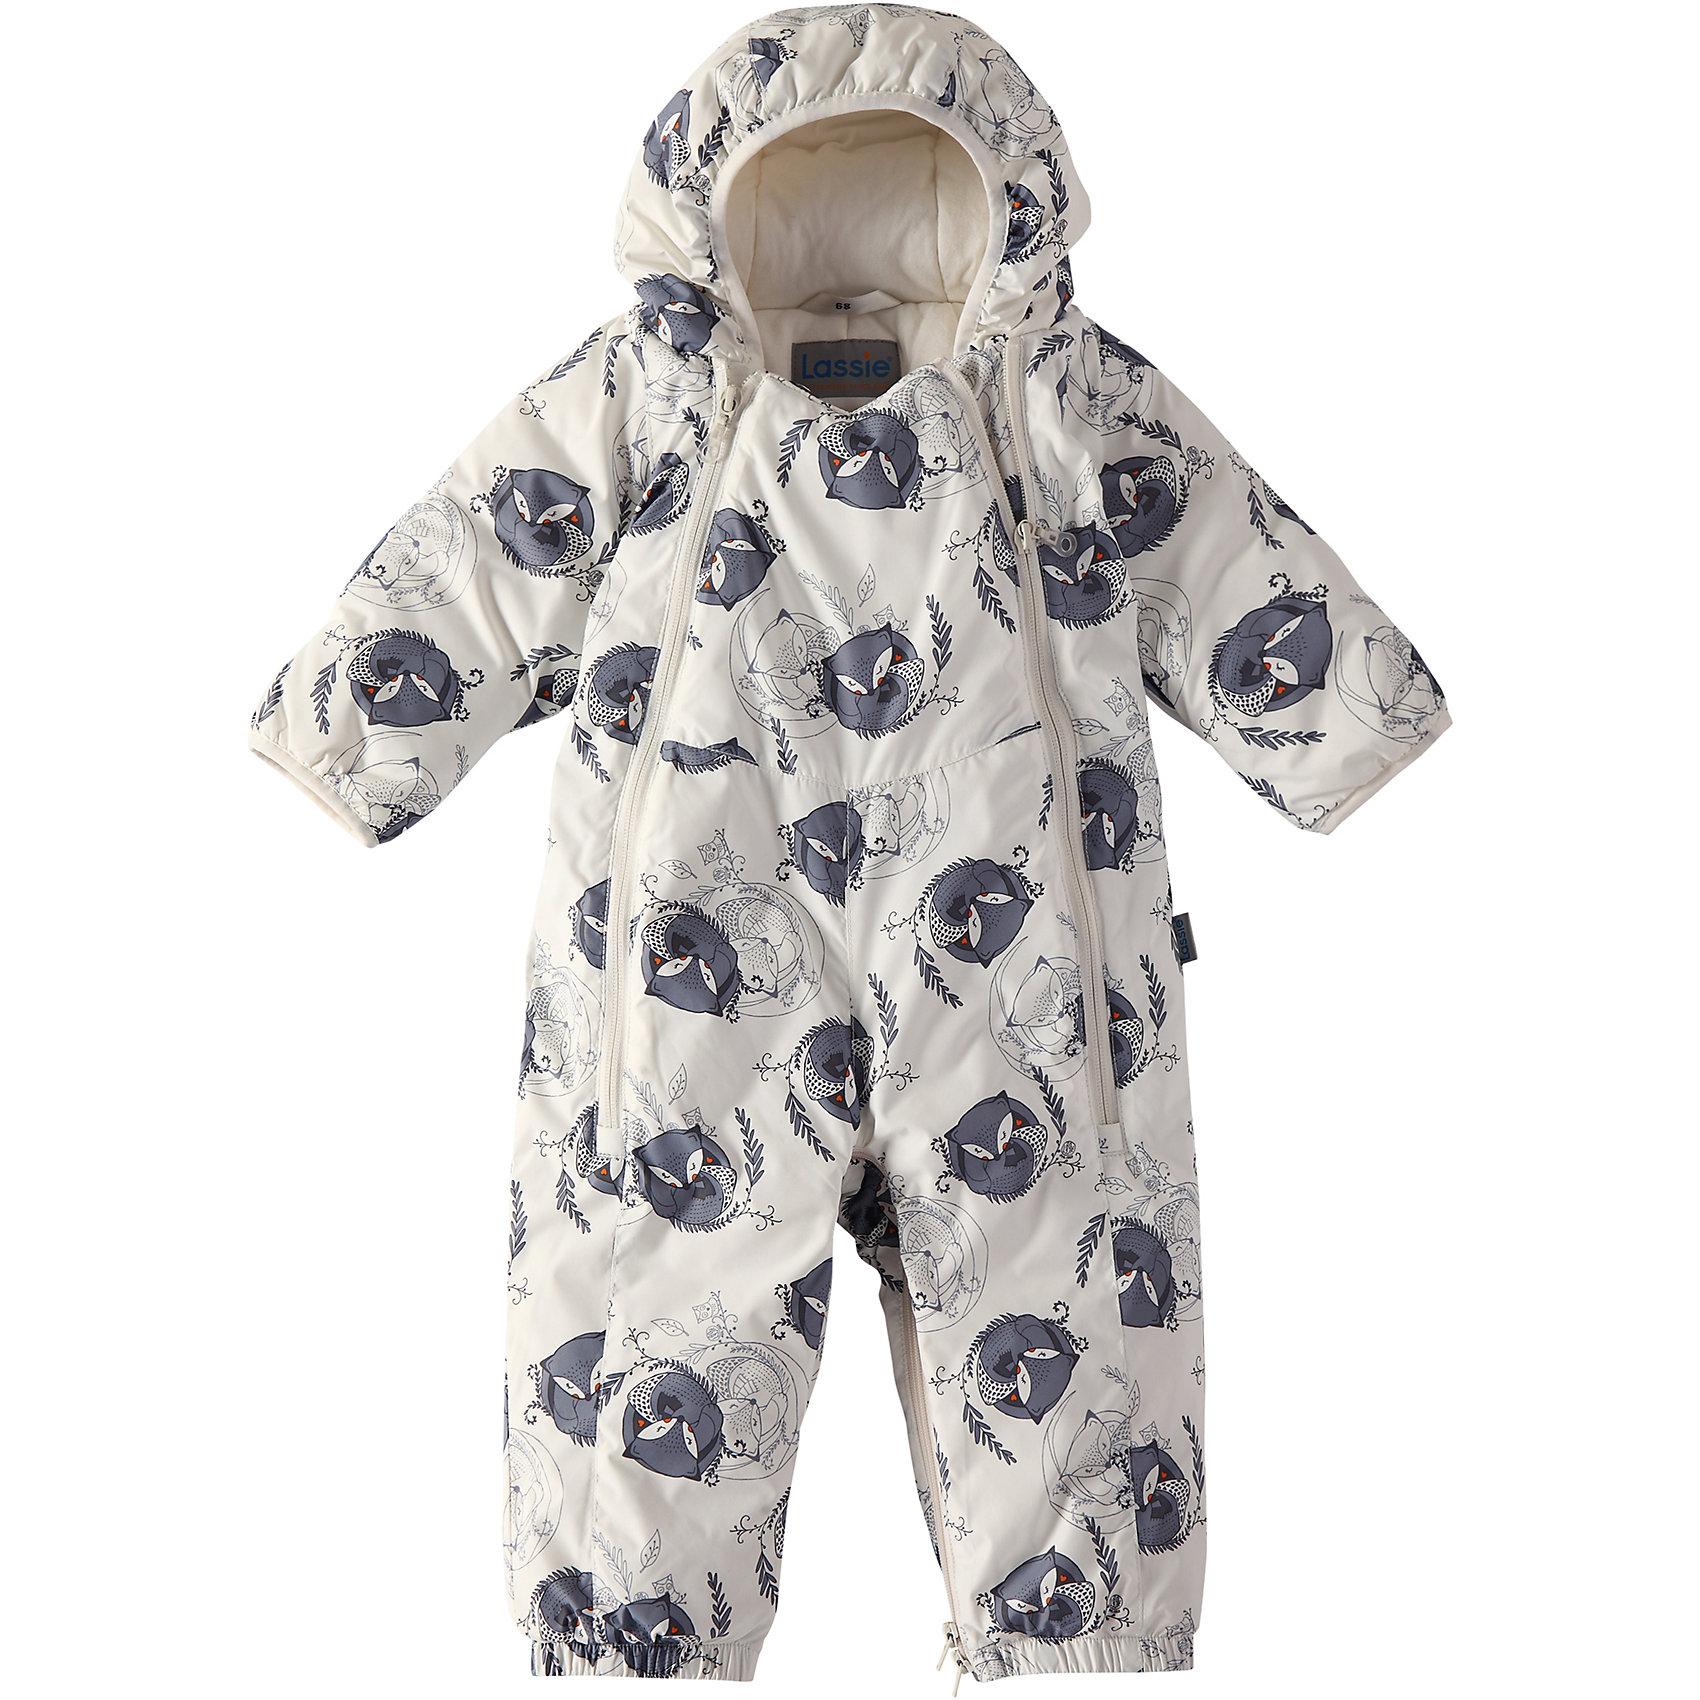 Комбинезон LassieВерхняя одежда<br>Зима пришла! Этот прелестный зимний комбинезон для новорожденных и малышей – идеальное решение для холодных зимних деньков! Он легко превращается в конверт. Красивая мягкая внутренняя подкладка из смеси хлопка и эластана приятна к телу и обеспечивает дополнительное утепление, а длинные молнии спереди облегчают надевание. Полезные детали: съемные штрипки, благодаря которым брючины не будут задираться, и безопасный съемный капюшон.<br>Состав:<br>100% Полиэстер<br><br>Ширина мм: 356<br>Глубина мм: 10<br>Высота мм: 245<br>Вес г: 519<br>Цвет: белый<br>Возраст от месяцев: 12<br>Возраст до месяцев: 15<br>Пол: Унисекс<br>Возраст: Детский<br>Размер: 80,62,68,74<br>SKU: 6905328